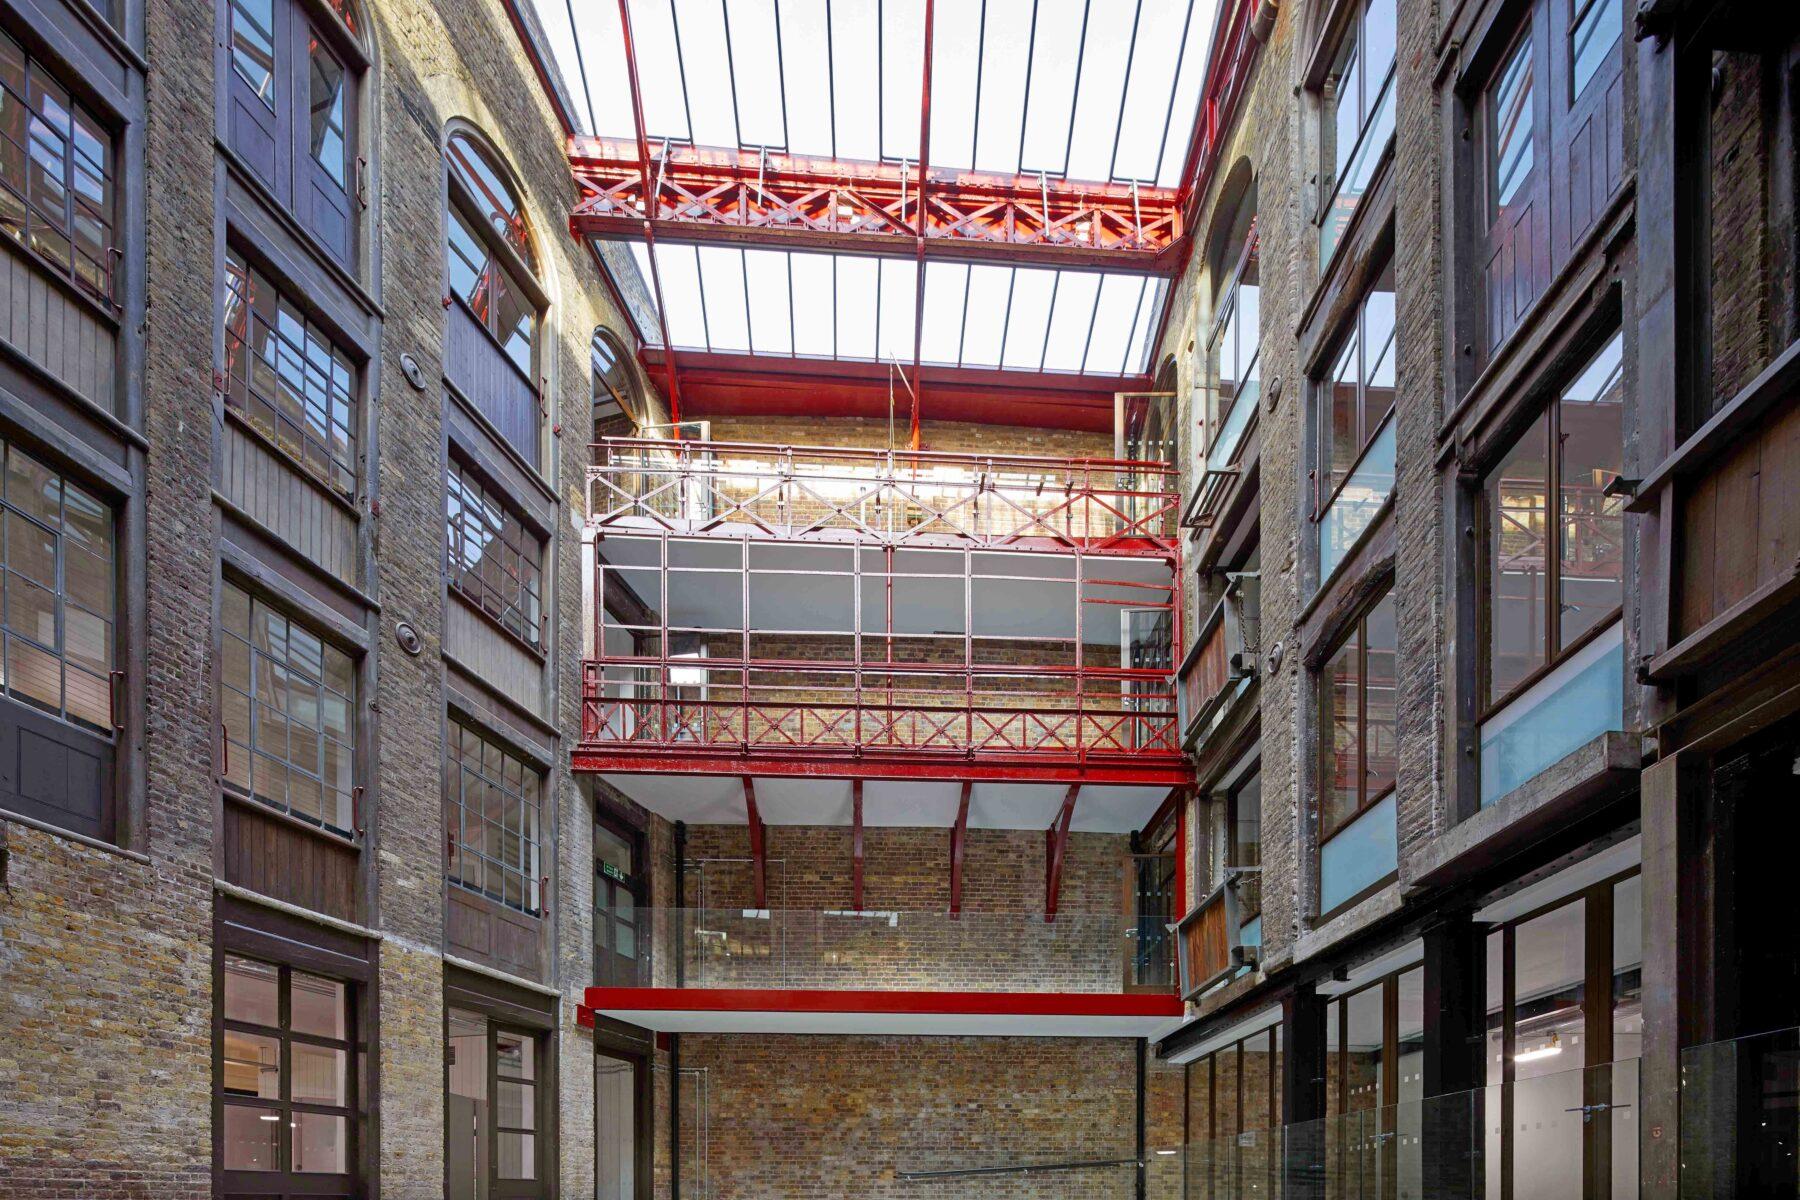 Victorian atrium in the Farmiloe building